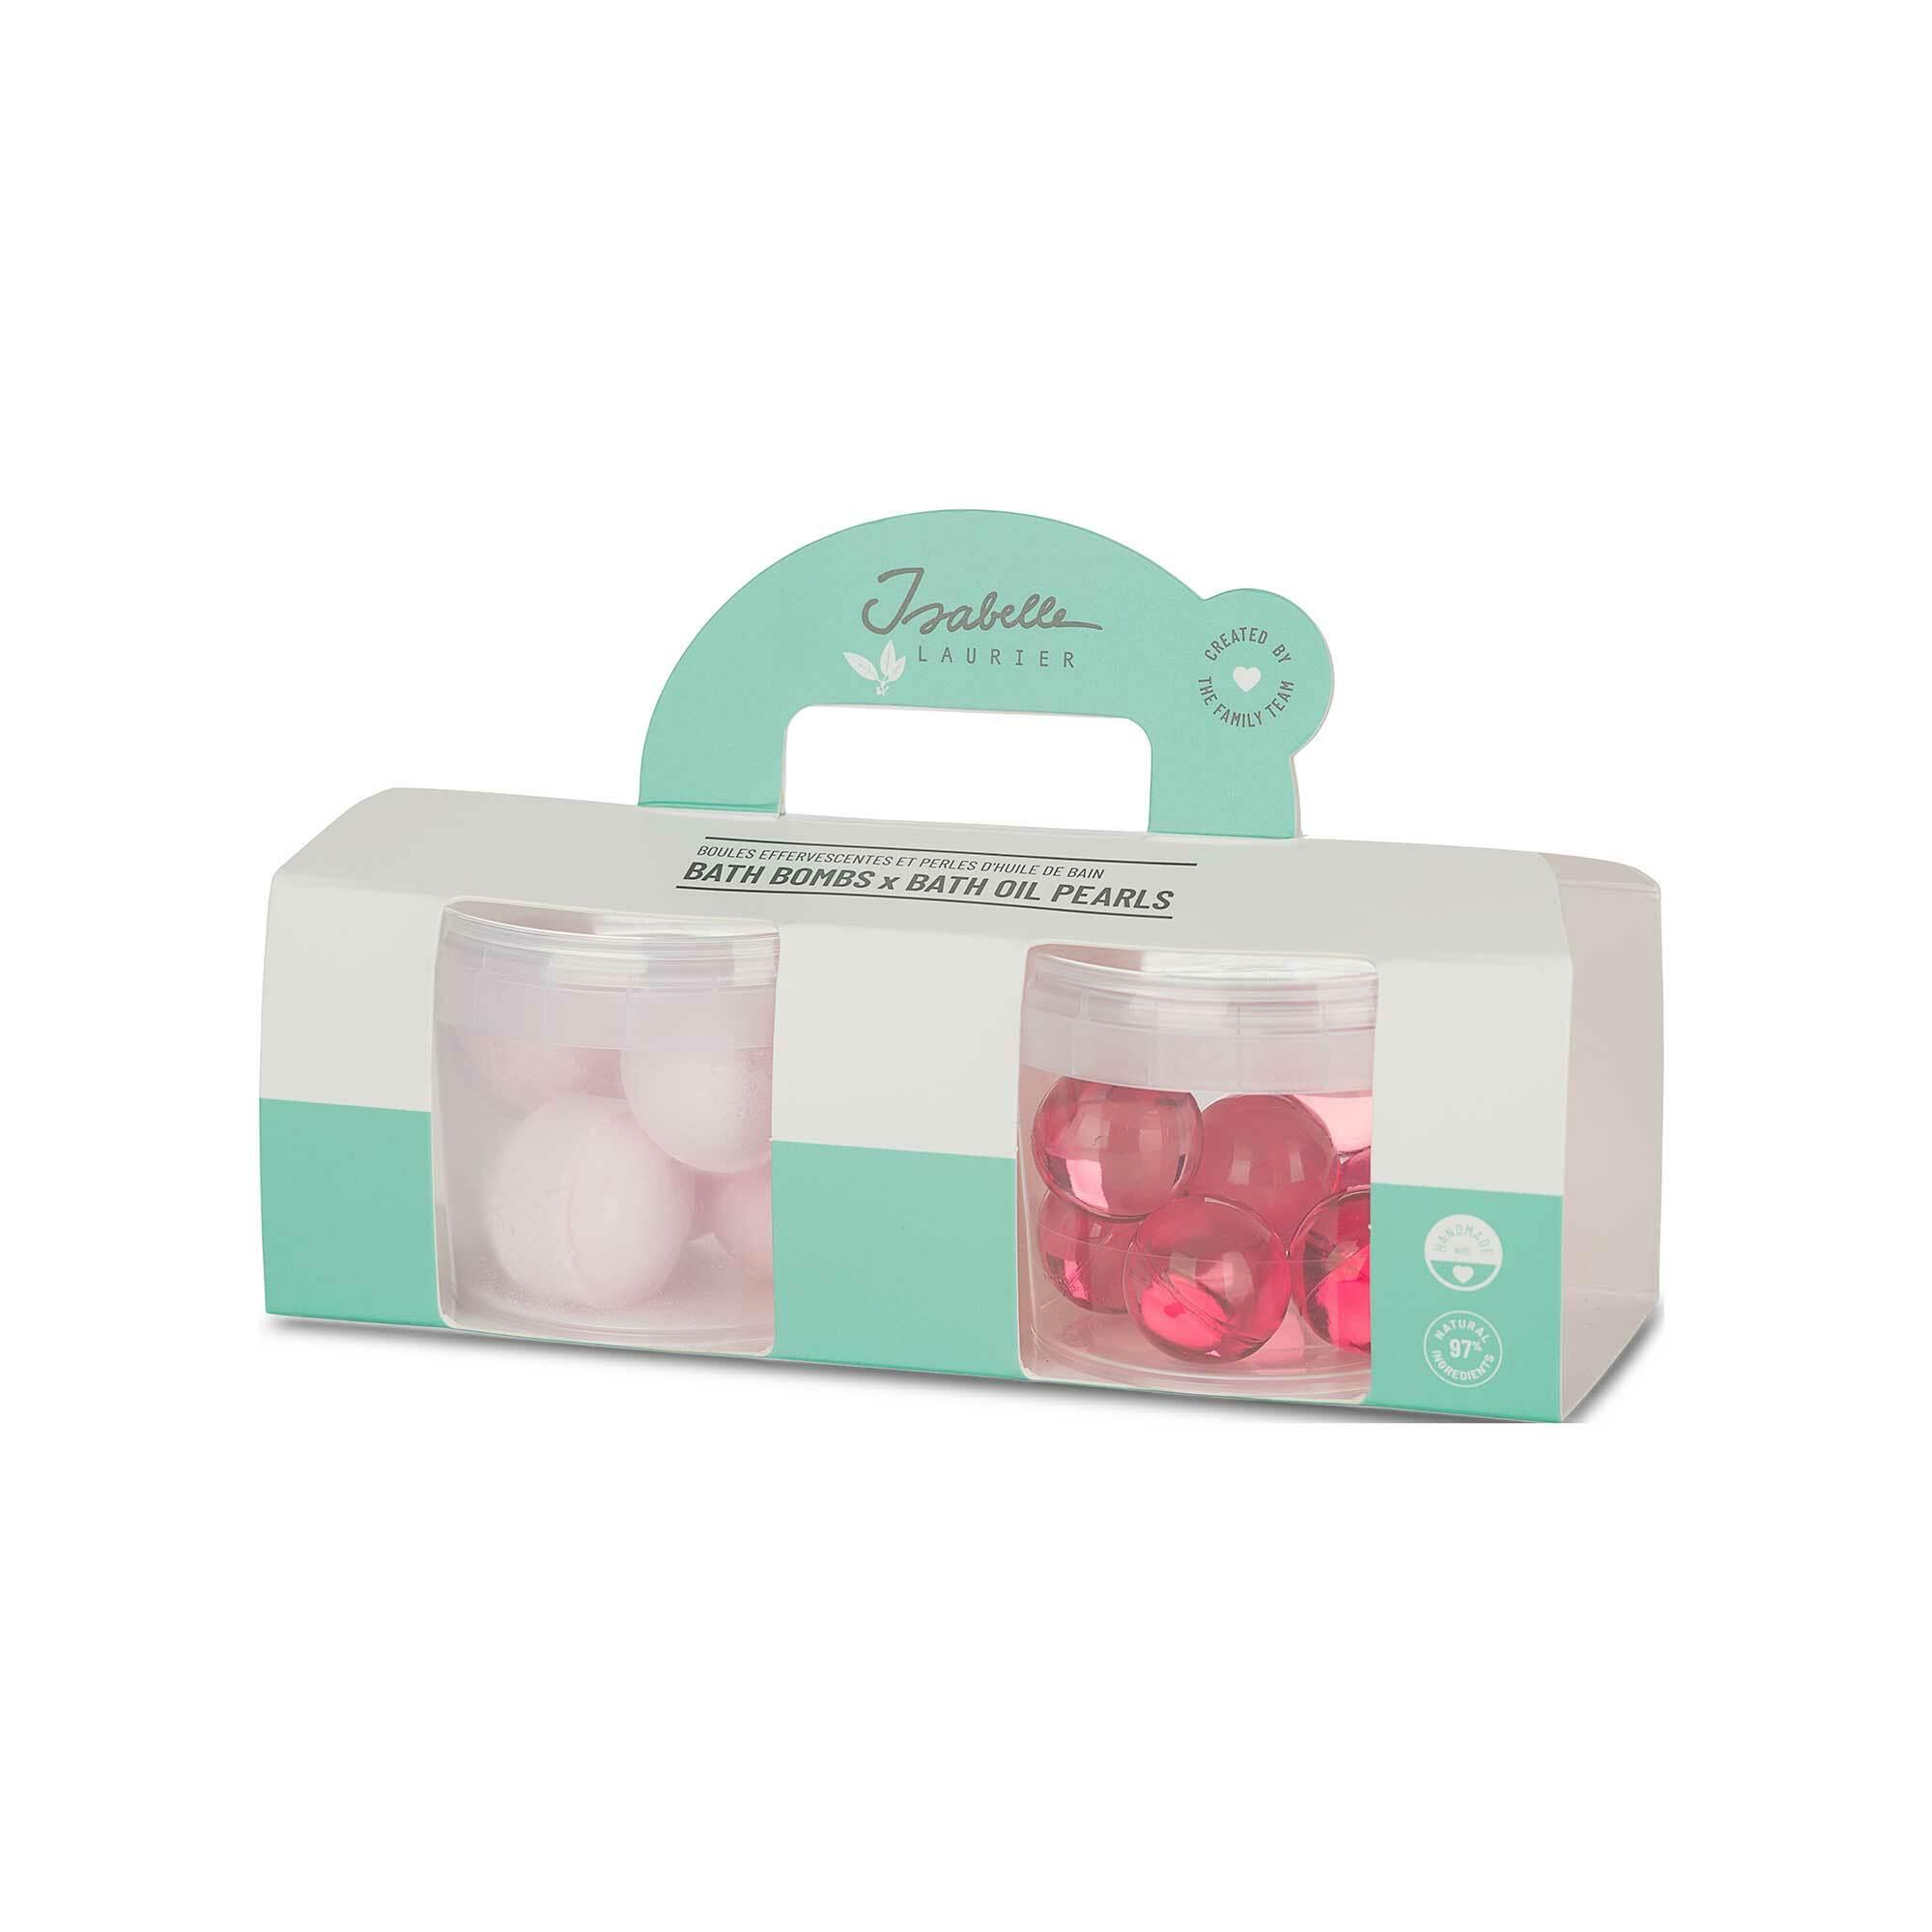 Set of 2 Mini Jars with Bath Oil Pearls + Bath Fizzers